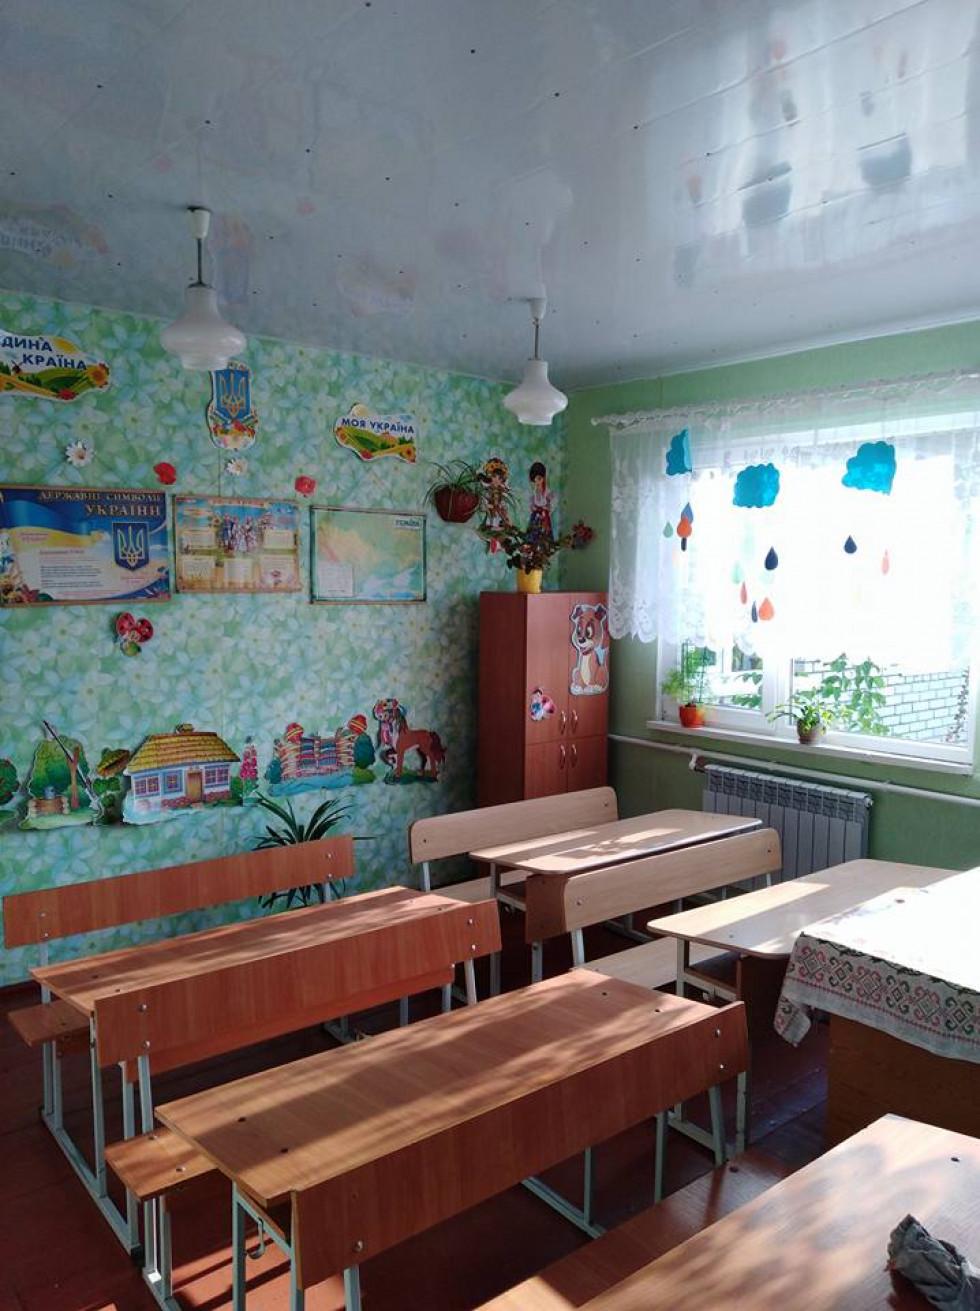 Першачки Ростанської школи навчатимуться у такому кольоровому класі